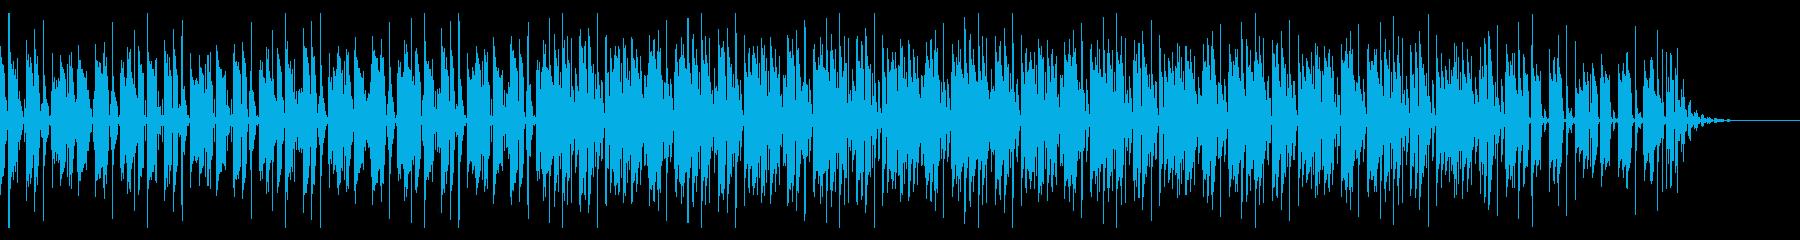 ほのぼの日常系ポップス風レゲエの再生済みの波形